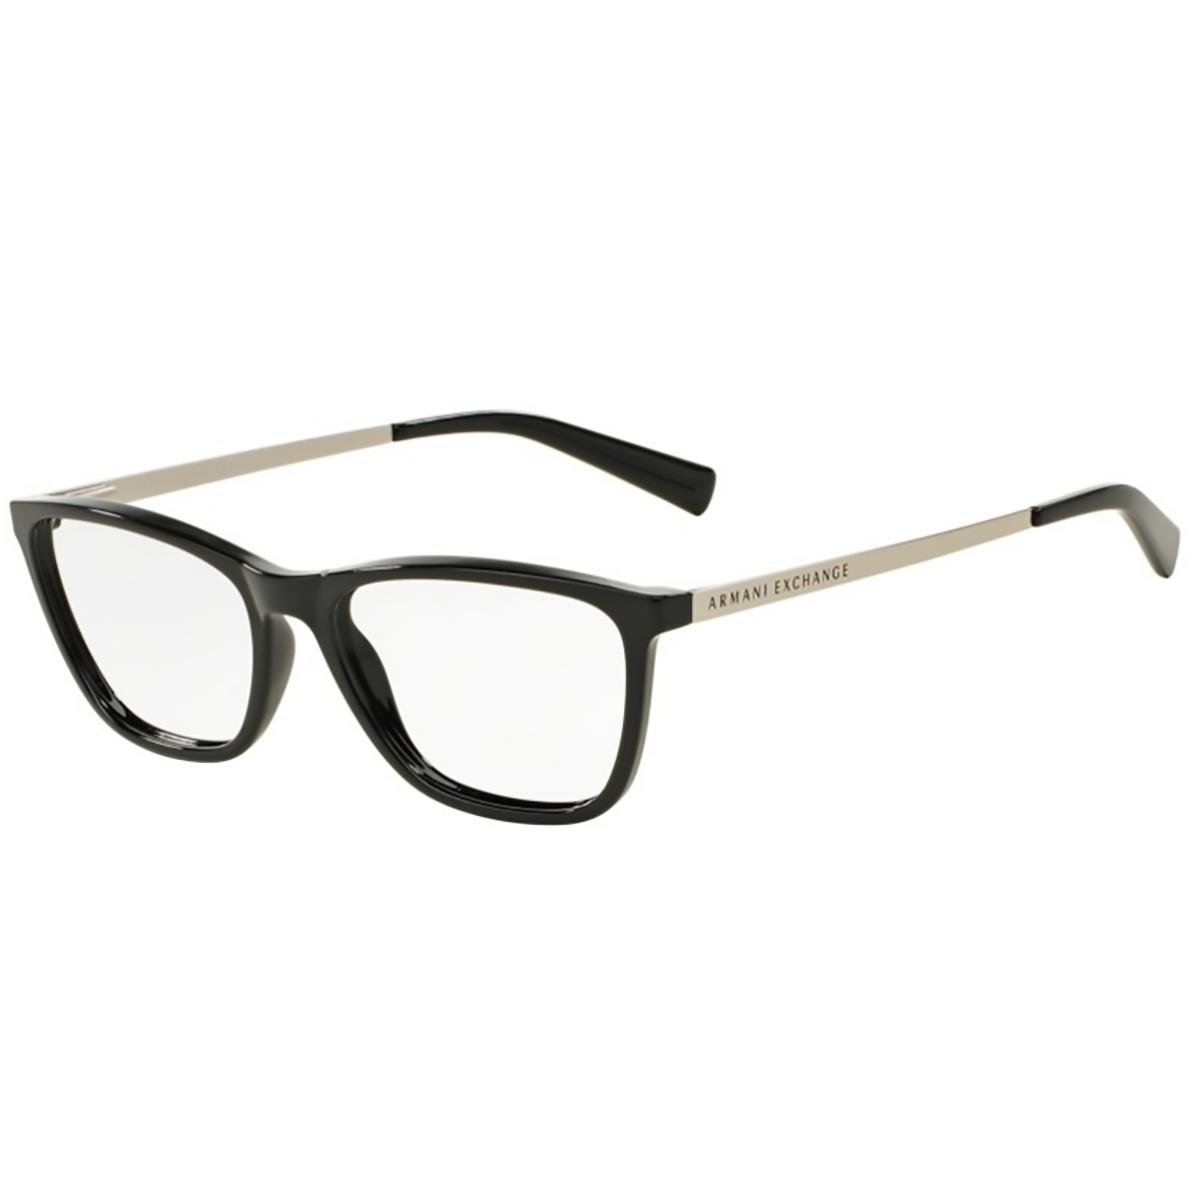 6531872f9cb16 óculos De Sol Armani Exchange Feminino Preço   Louisiana Bucket Brigade